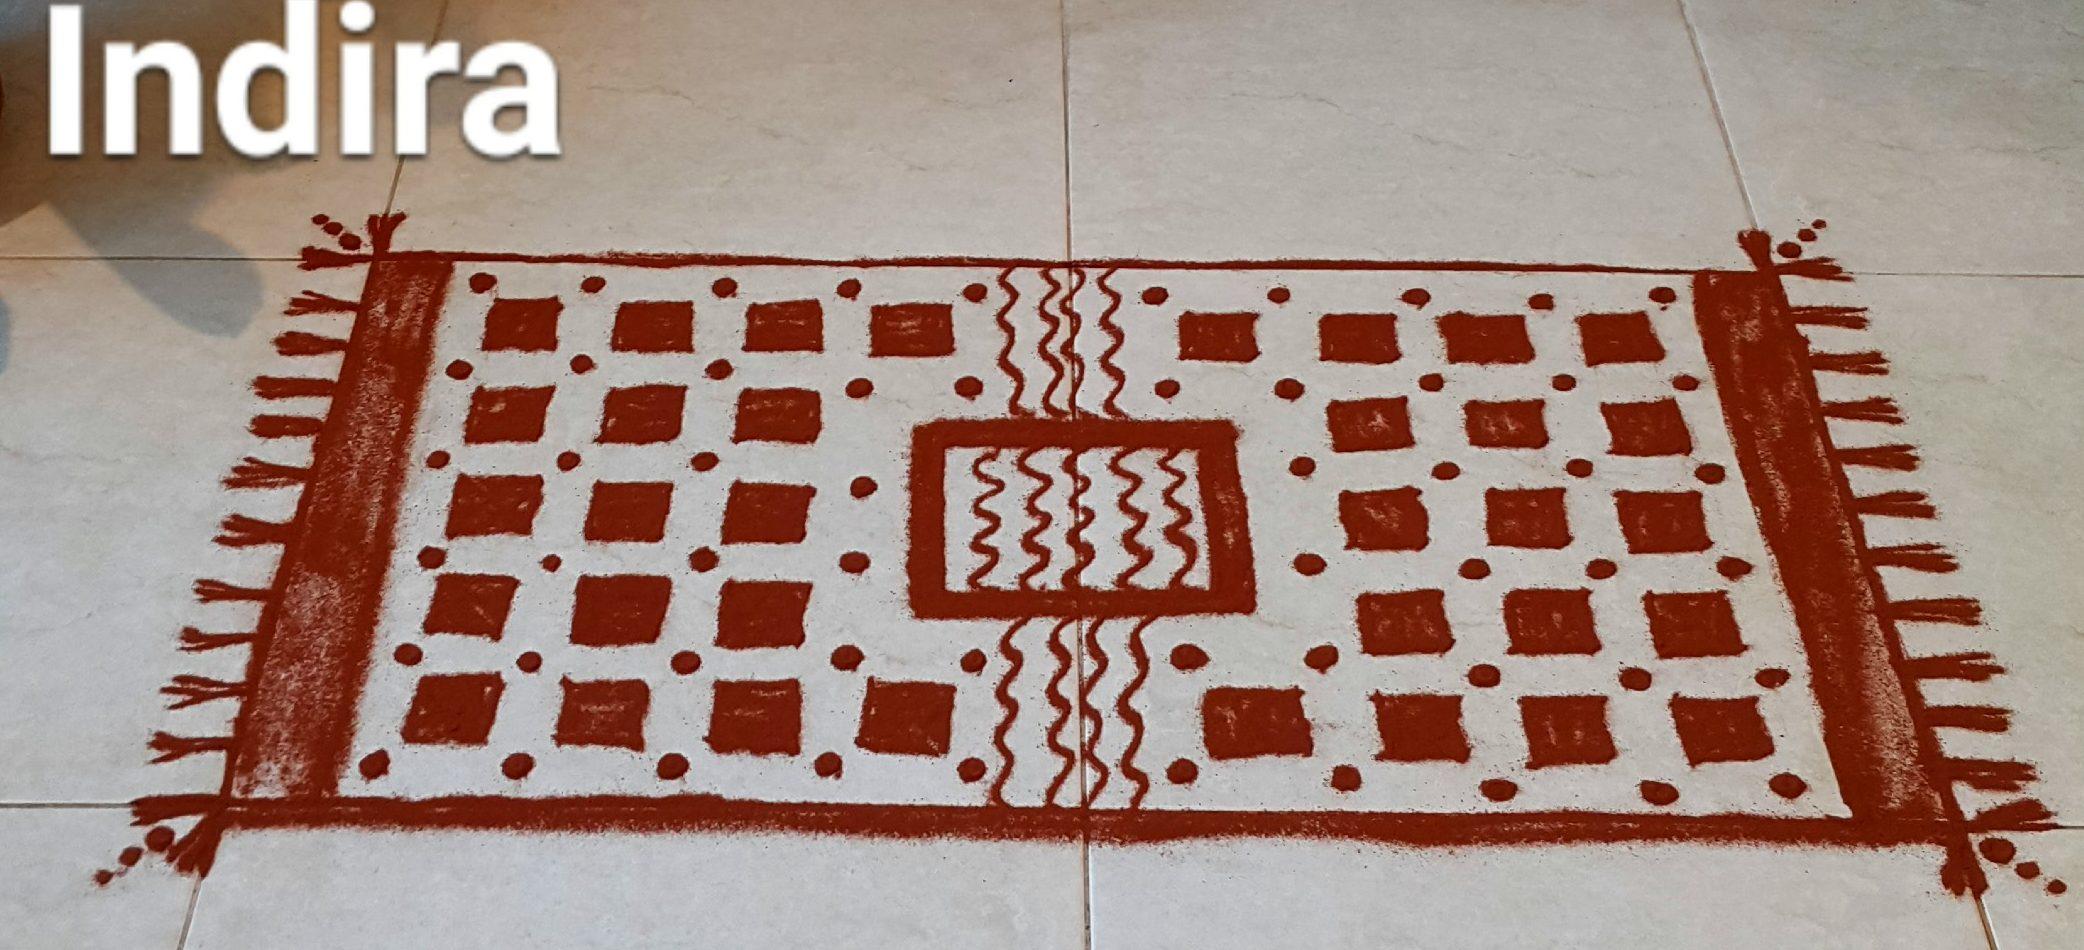 25 dots Carpet Kolam || Mat kolam25 dots Carpet Kolam || Mat kolam for contest